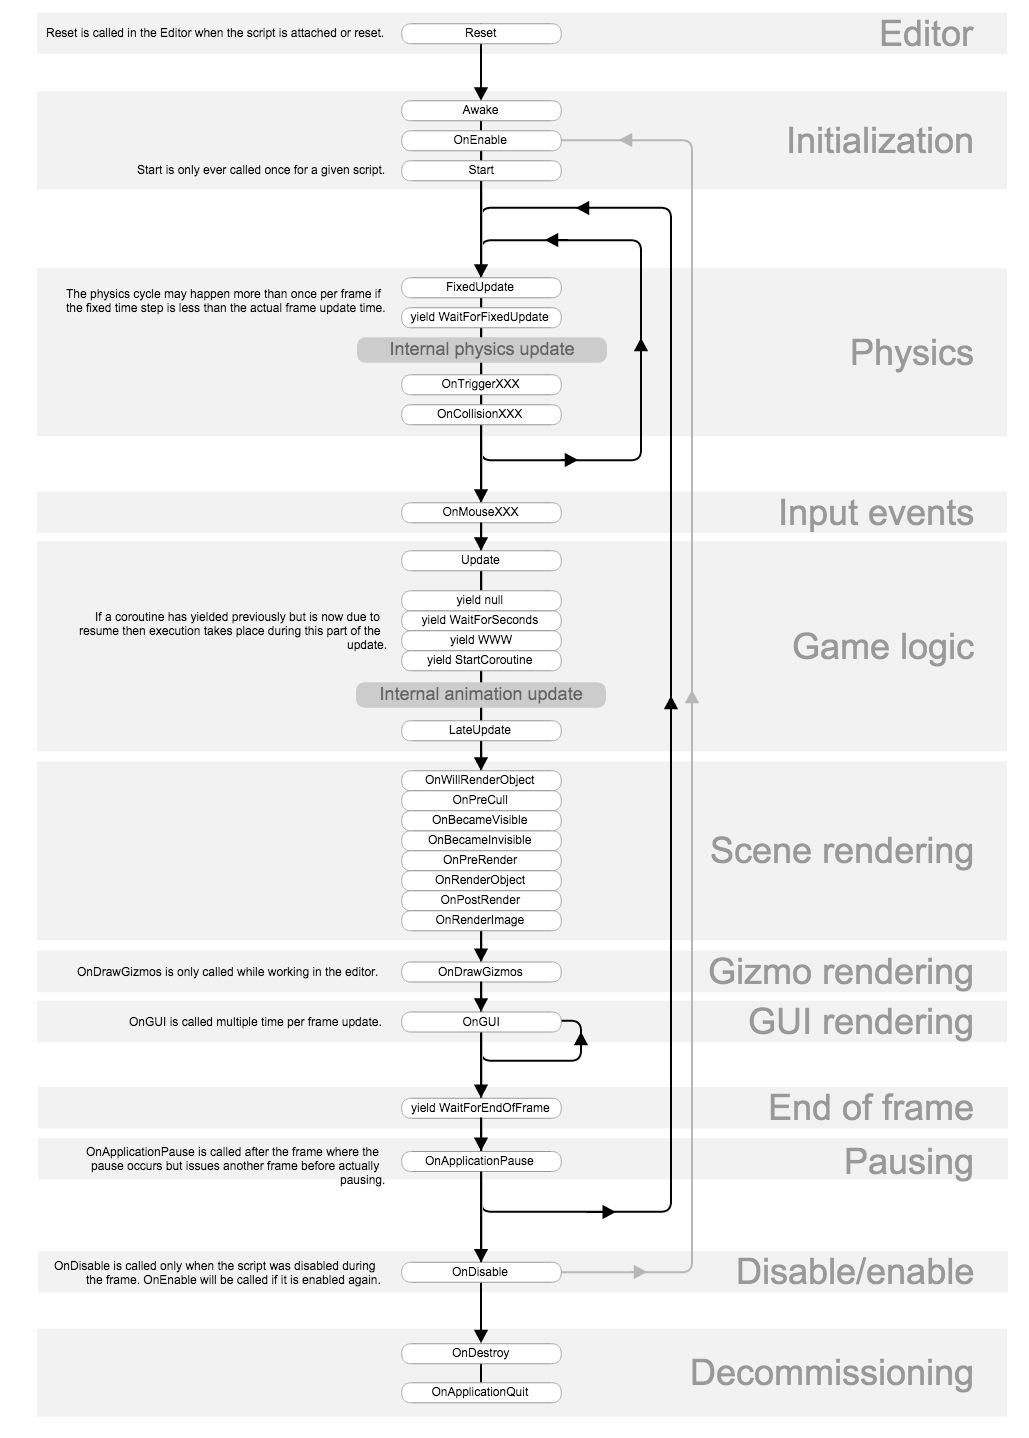 Android游戏:Activity的生命周期与状态转换 - 第2张  | 大腿Plus